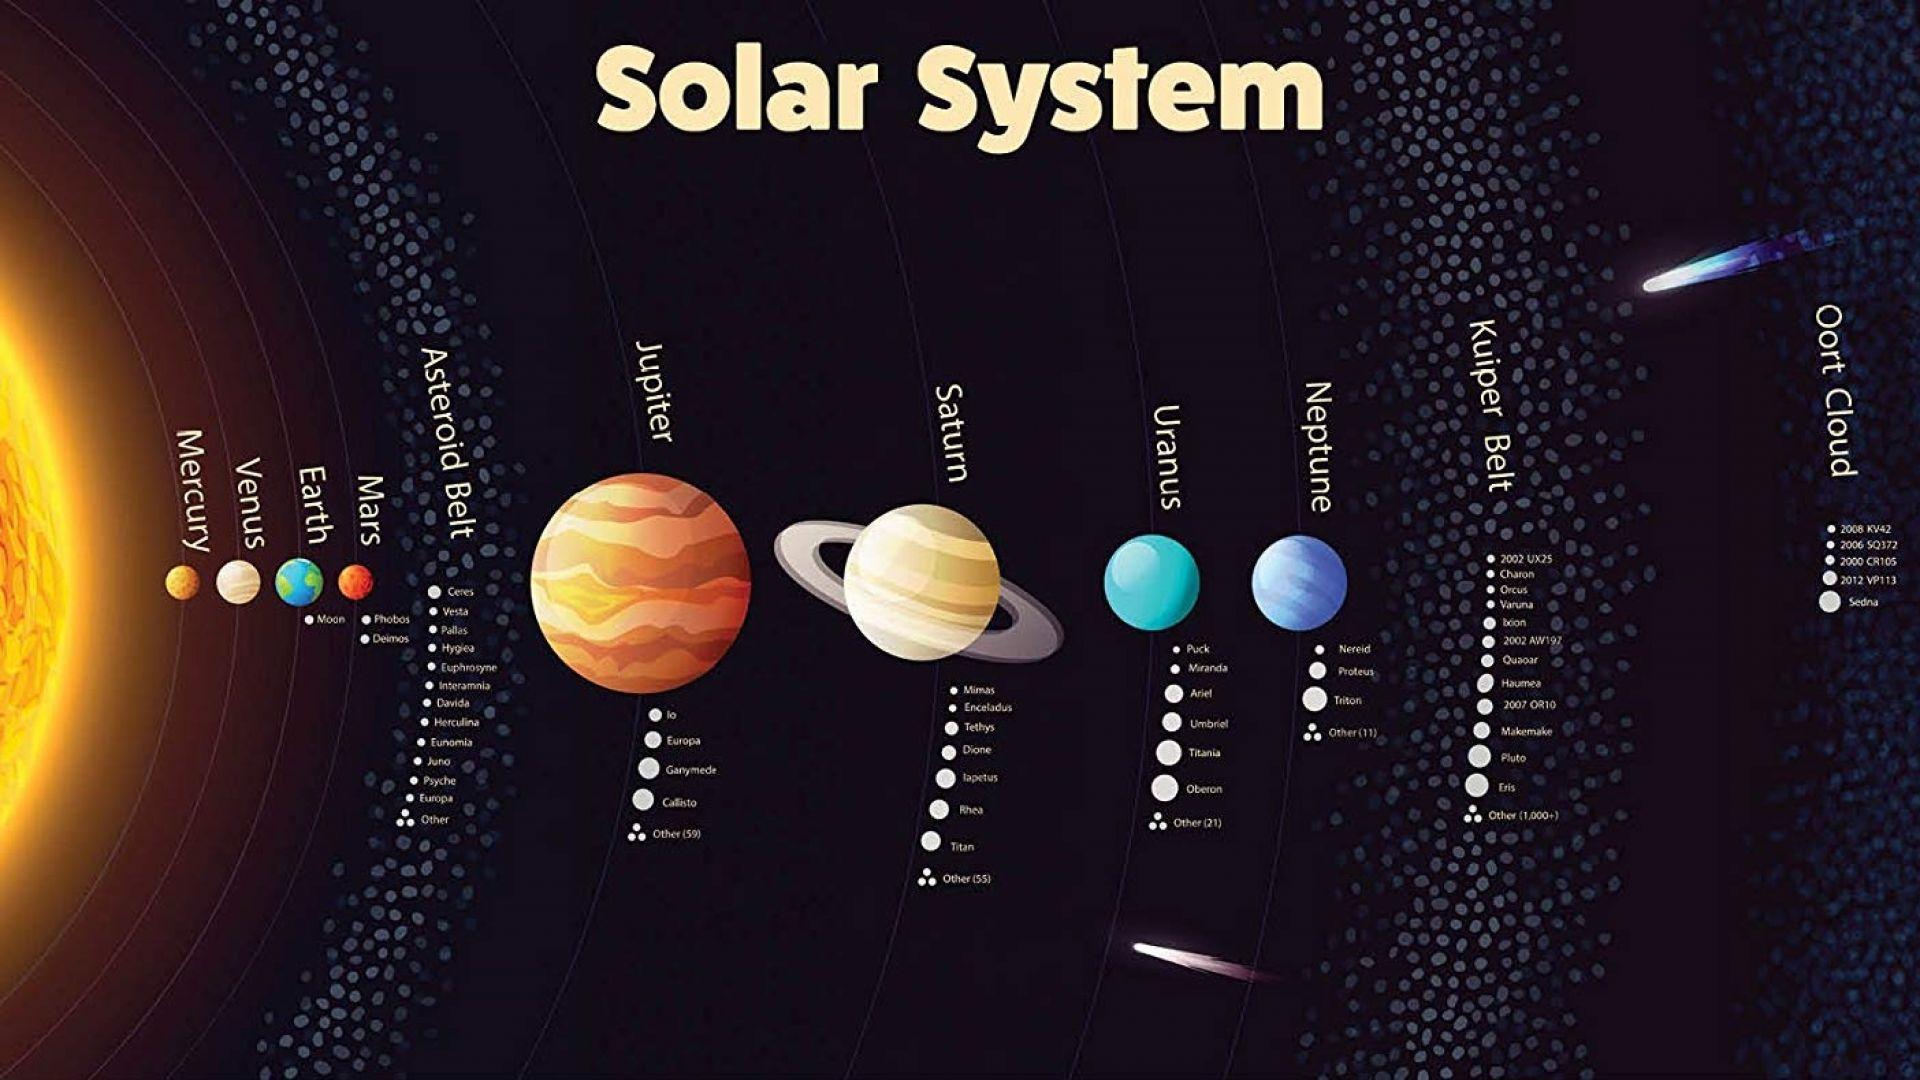 Двигател може да премести цялата Слънчева система